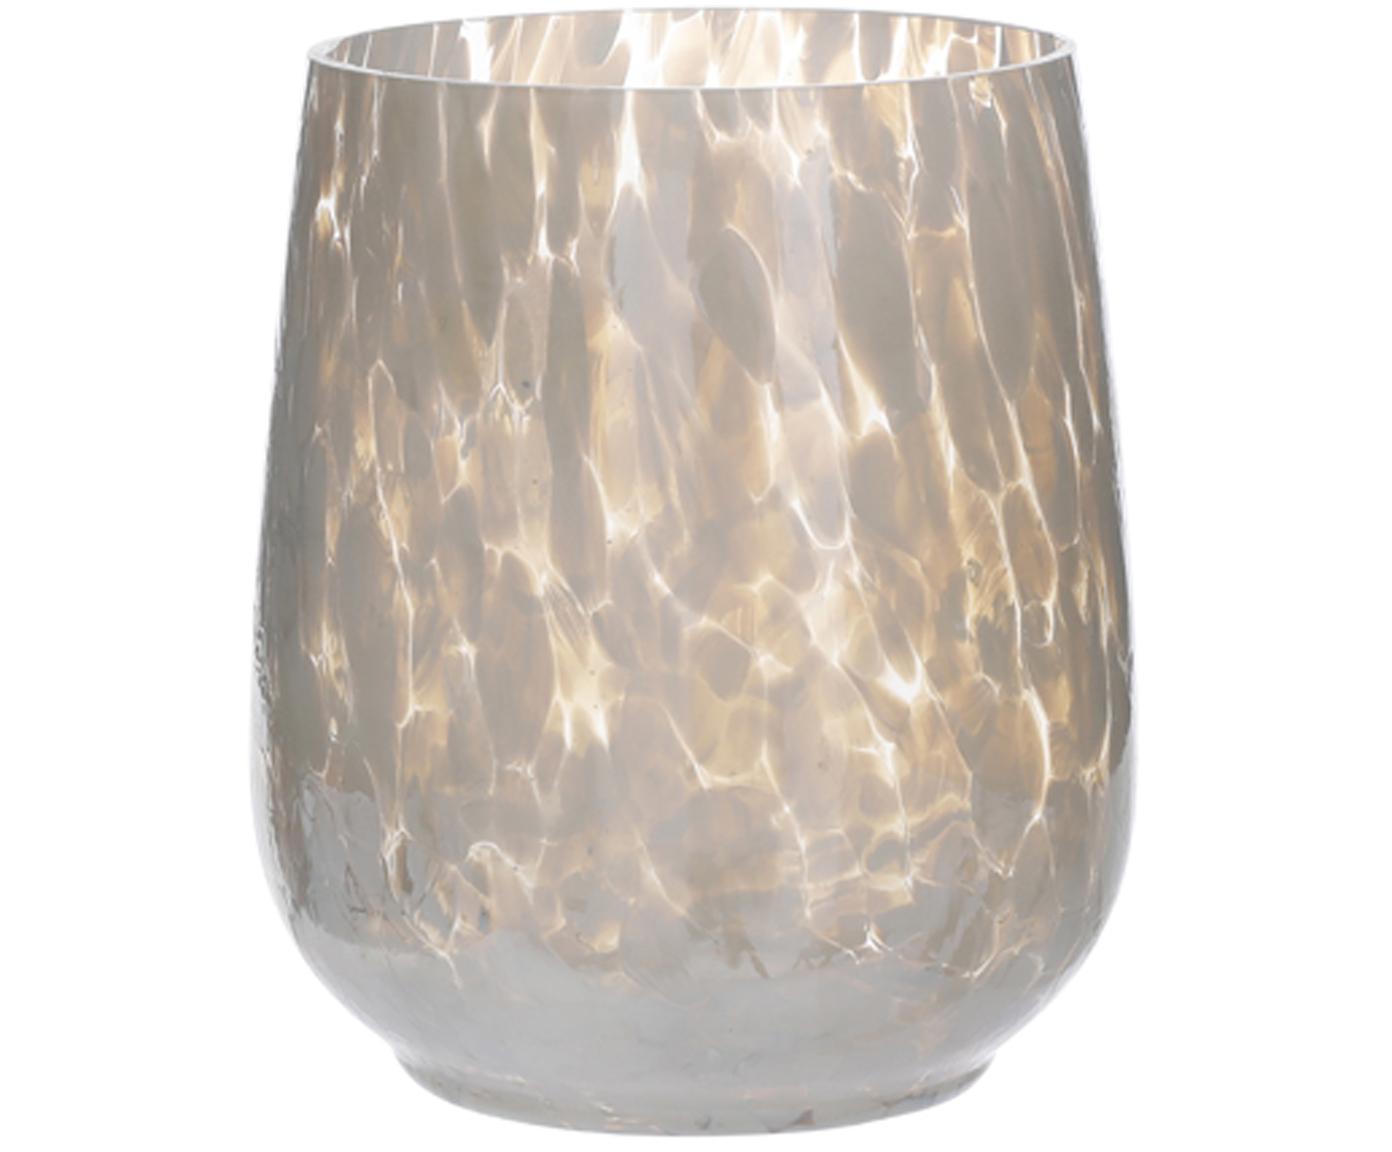 Windlicht Gunia, Glas, Gebrochenes Weiß, Ø 9 x H 12 cm